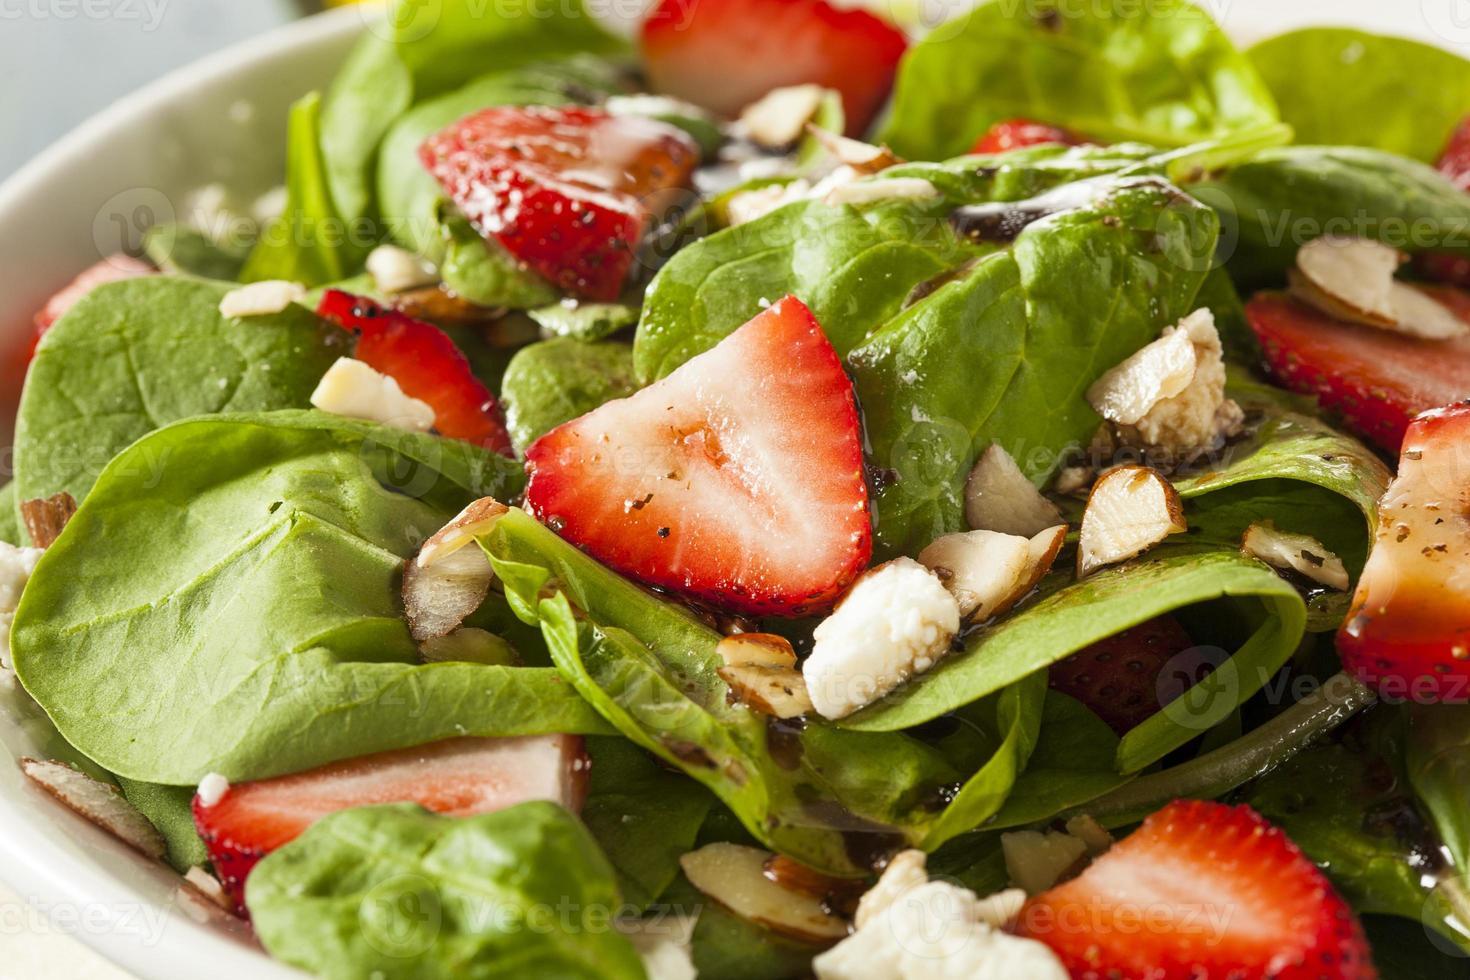 salada balsâmica de morango saudável orgânica foto